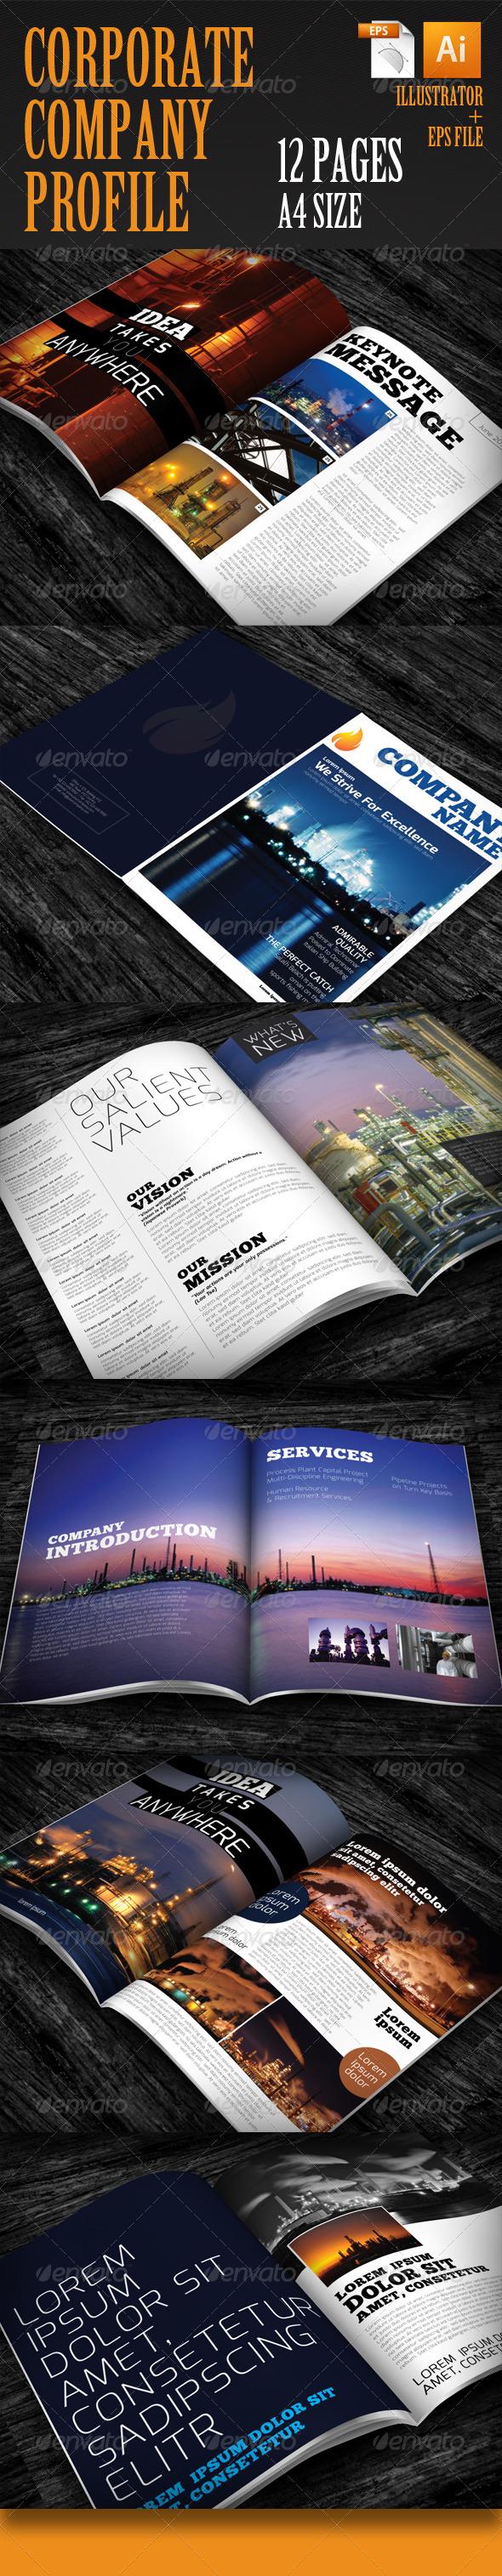 GraphicRiver Corporate Company Profile 4804049